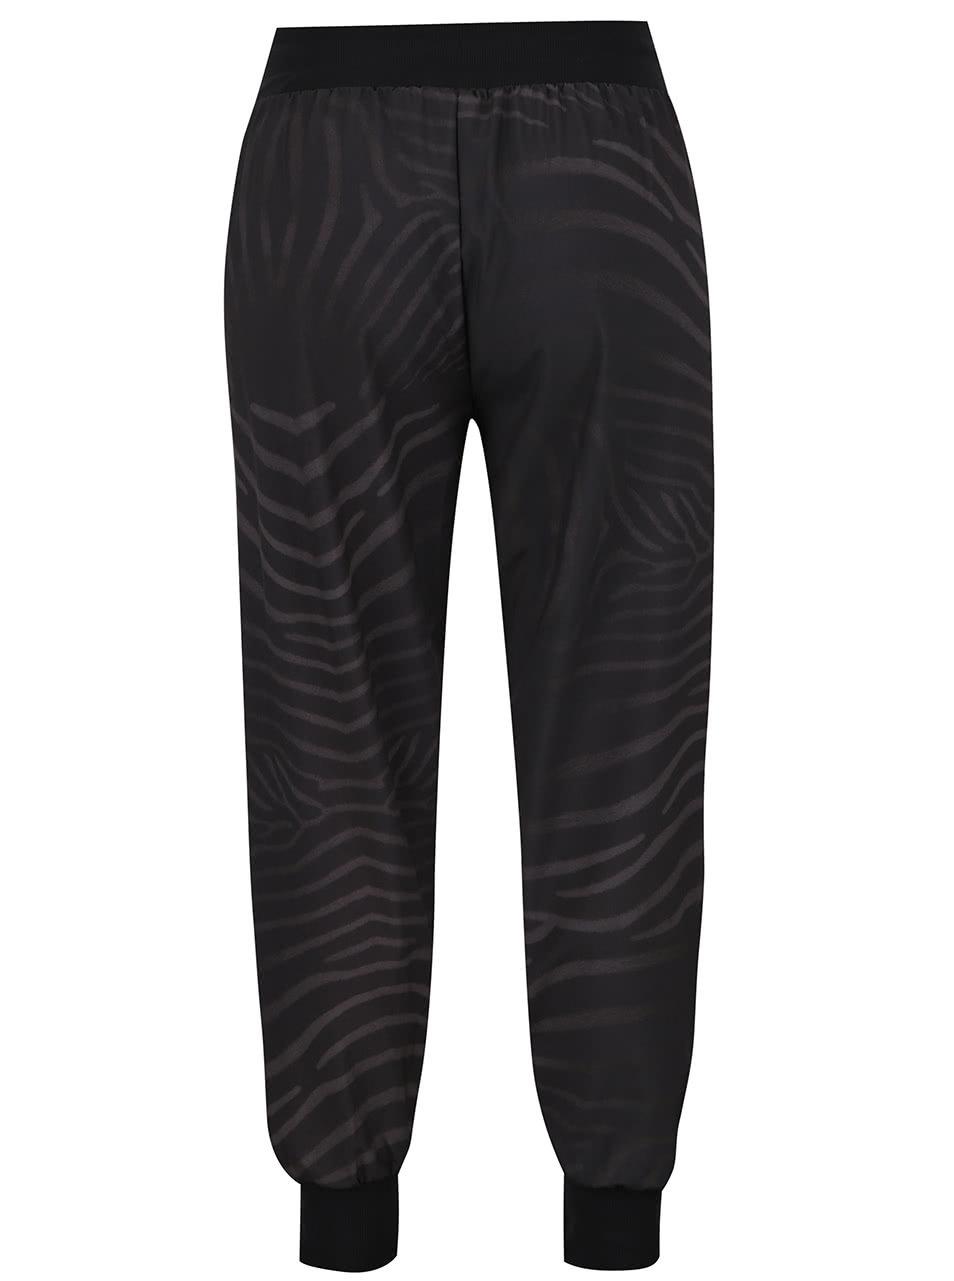 Čierne vzorované športové nohavice Desigual Sport ... d270b2bb1b8